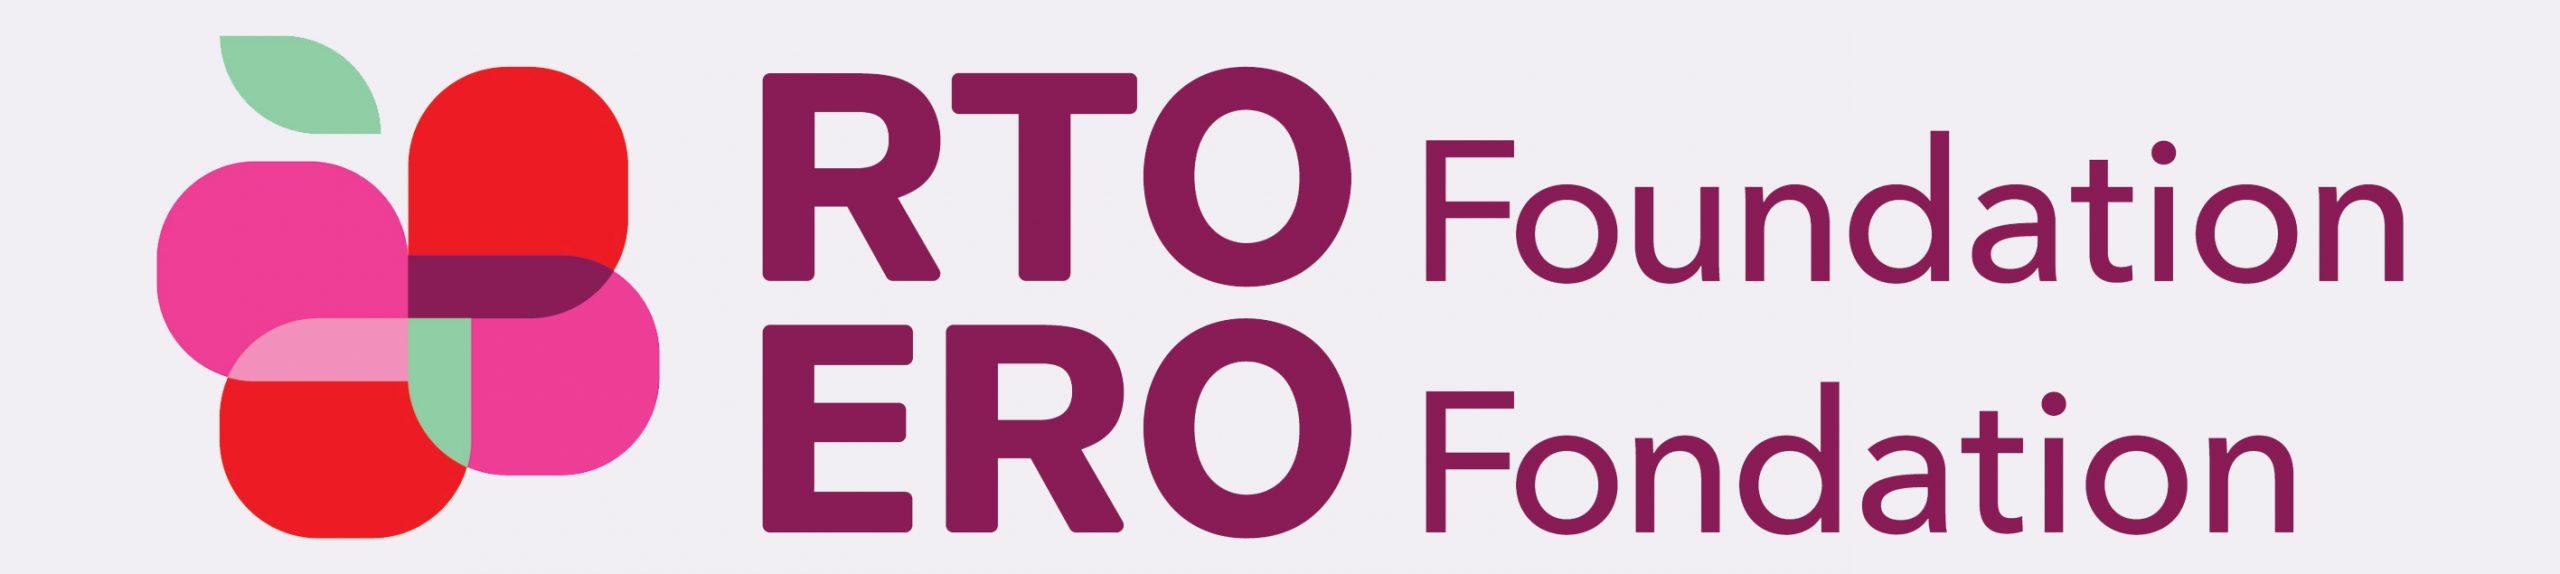 RTO Foundation logo